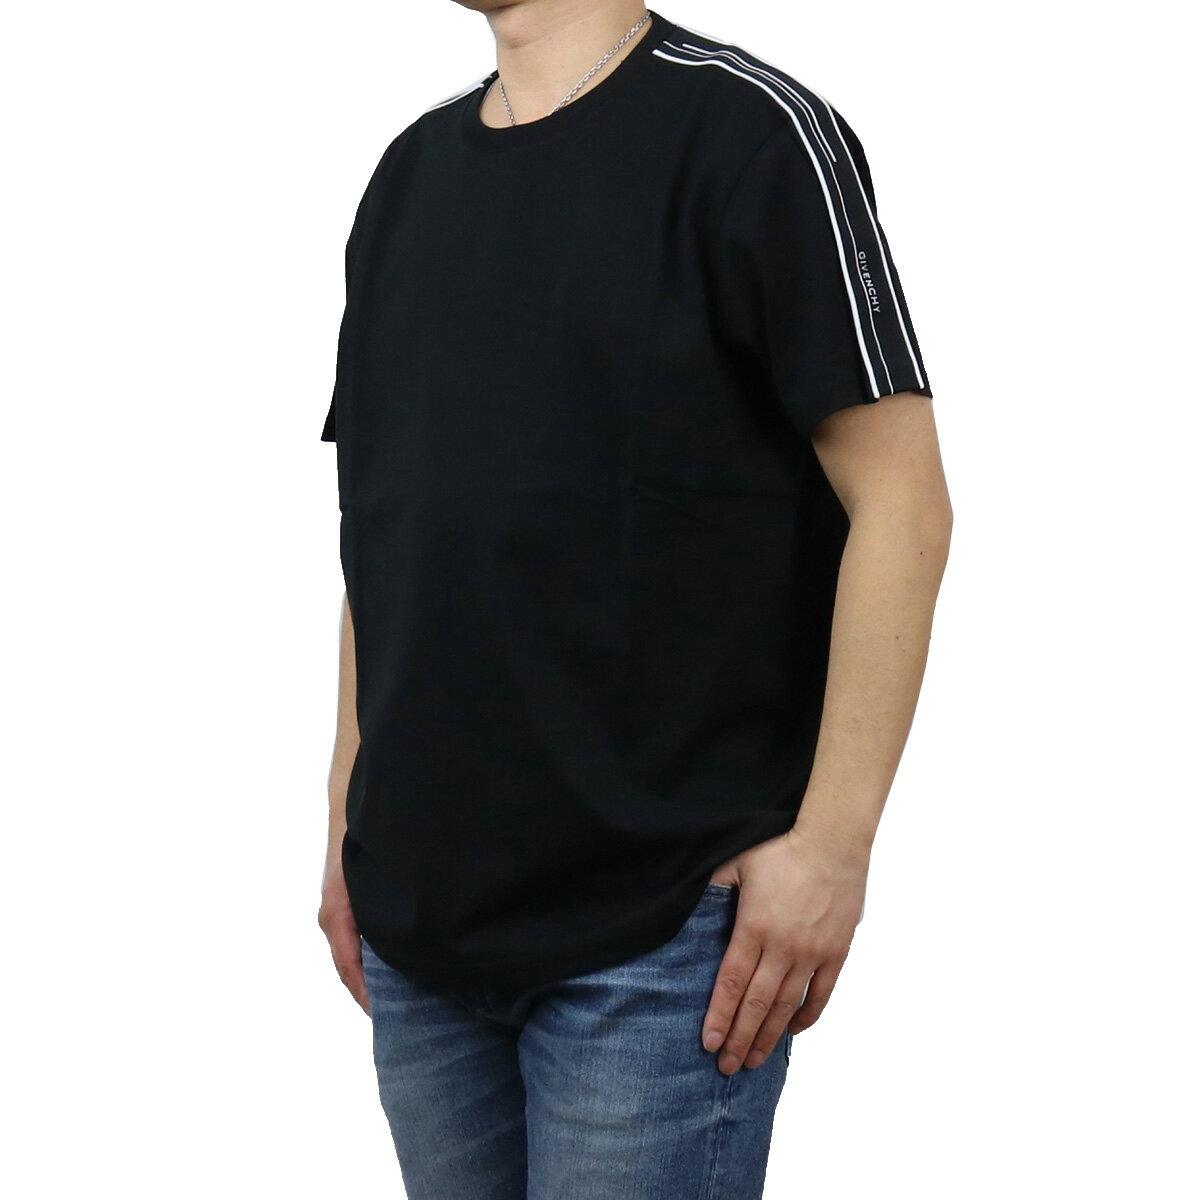 トップス, Tシャツ・カットソー  GIVENCHY T BM70UJ 3002 001 bos-05 apparel-01 ts-01